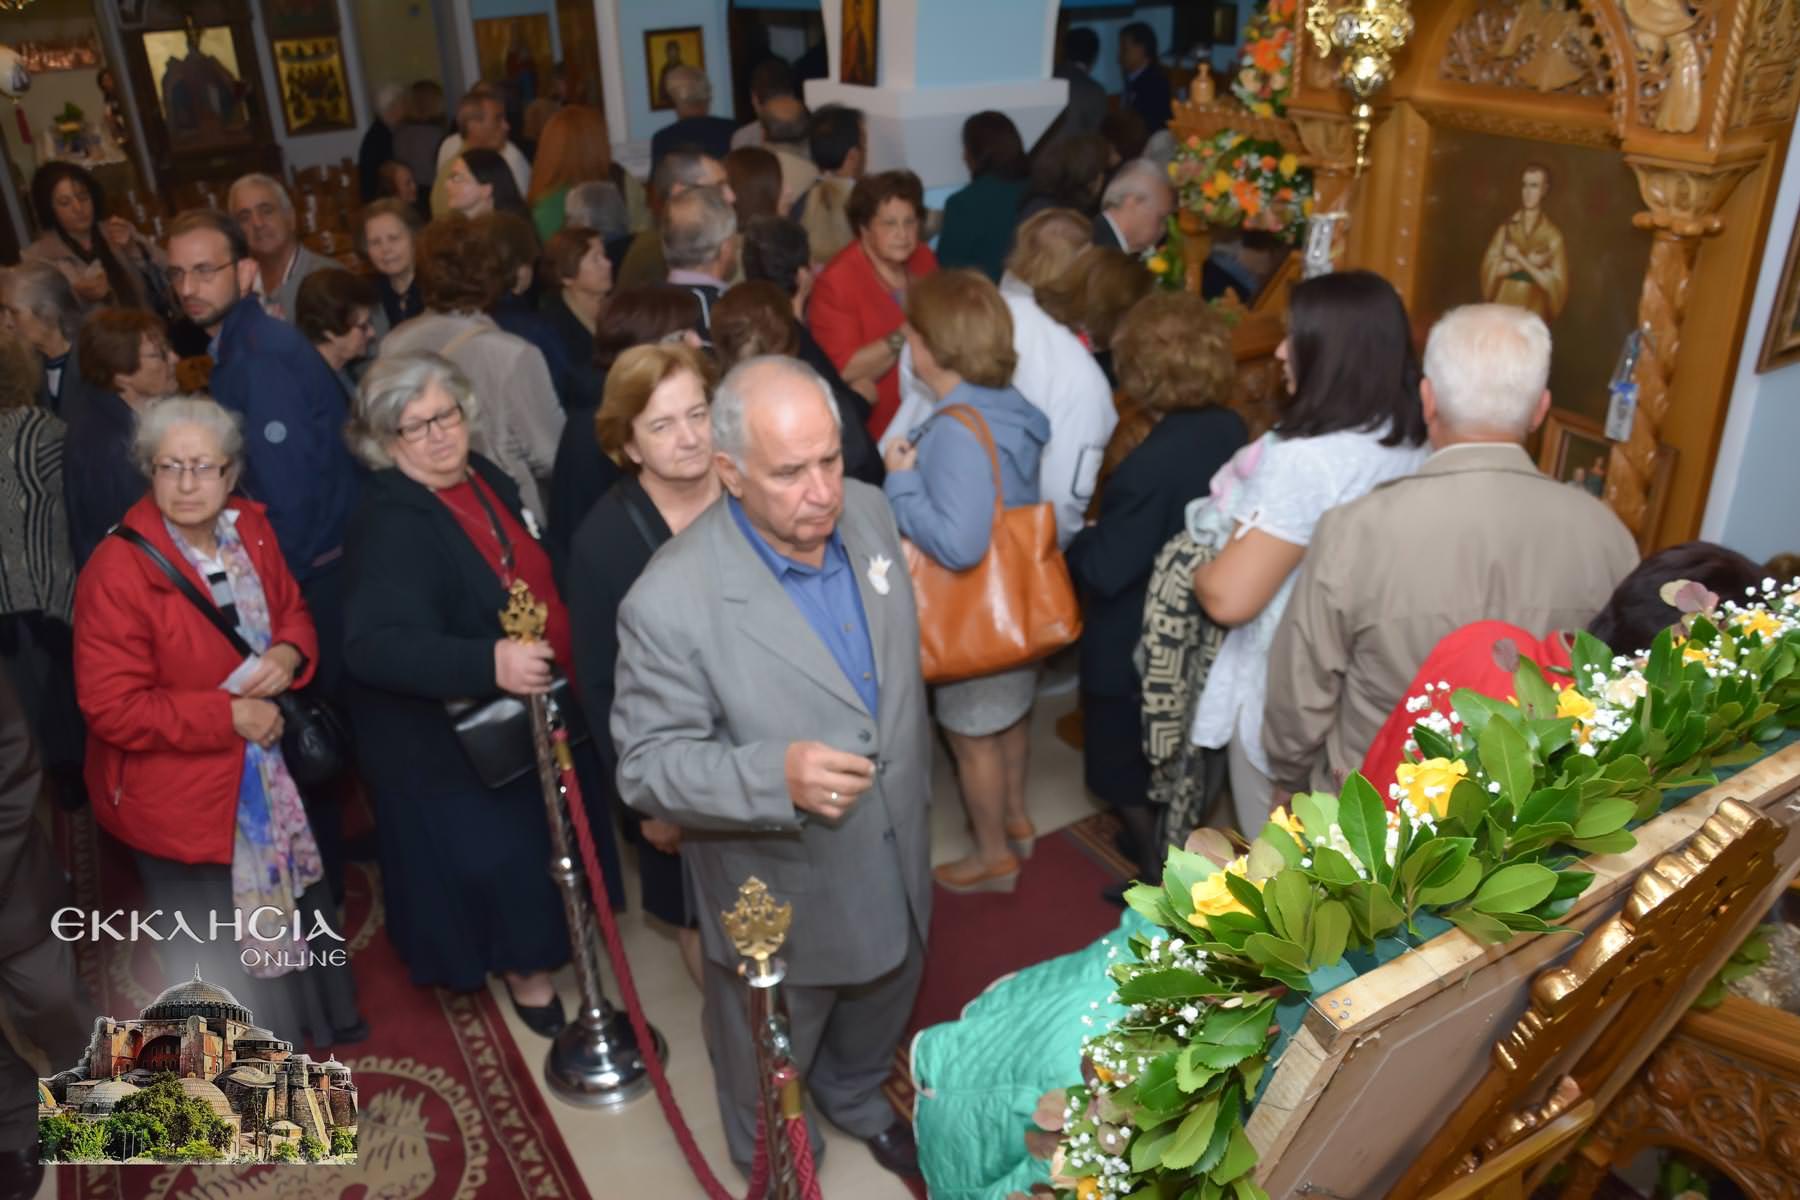 Ιερός Ναός Αγίων Ακινδύνων 2019